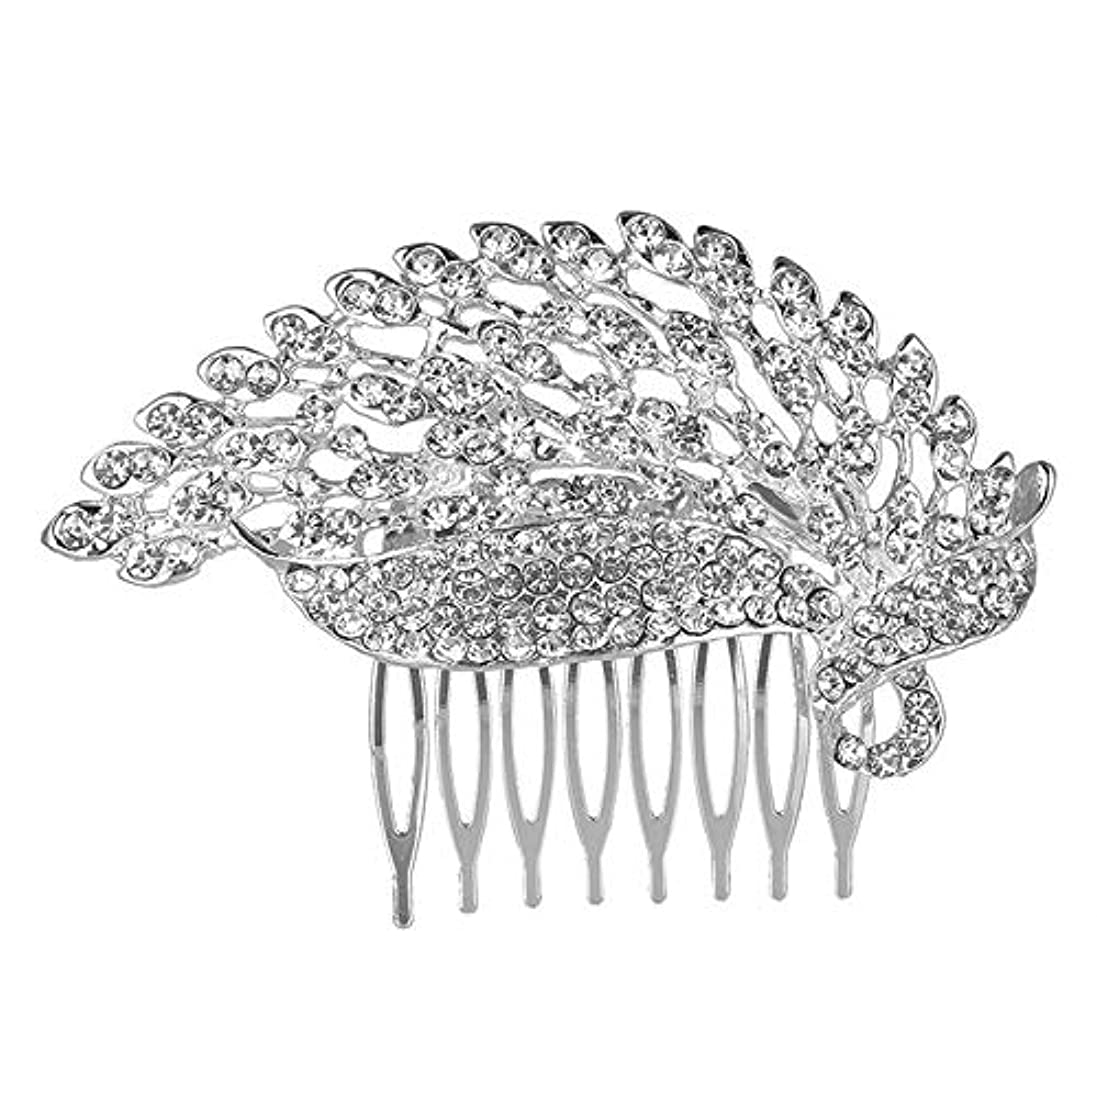 生産性稚魚遵守する髪の櫛の櫛の櫛の花嫁の櫛の櫛の櫛の花嫁の頭飾りの結婚式のアクセサリー合金